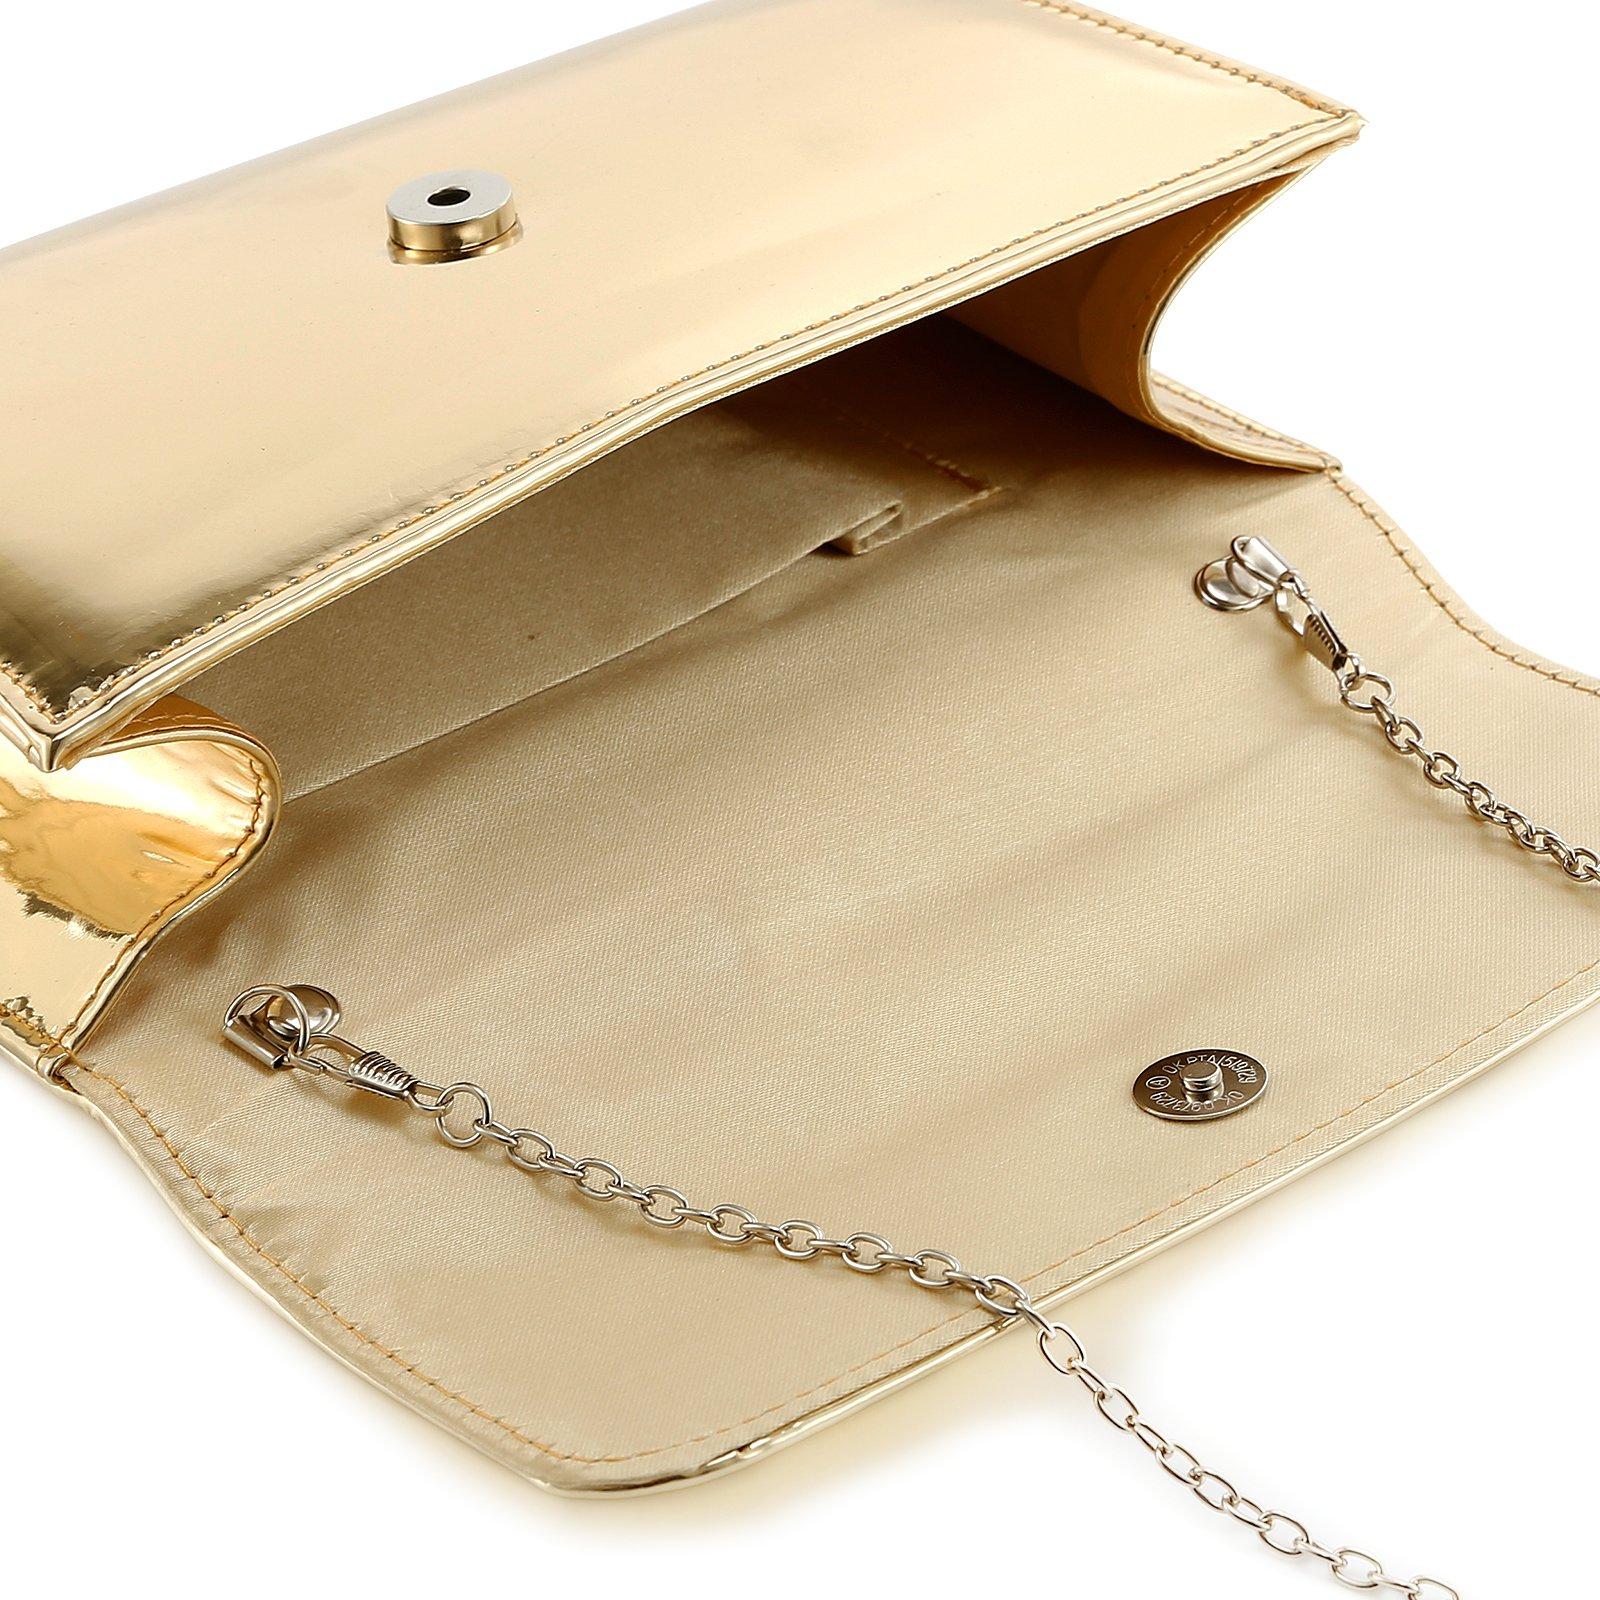 Fraulein38 Designer Mirror Metallic Women Clutch Patent Evening Bag by Fraulein38 (Image #4)